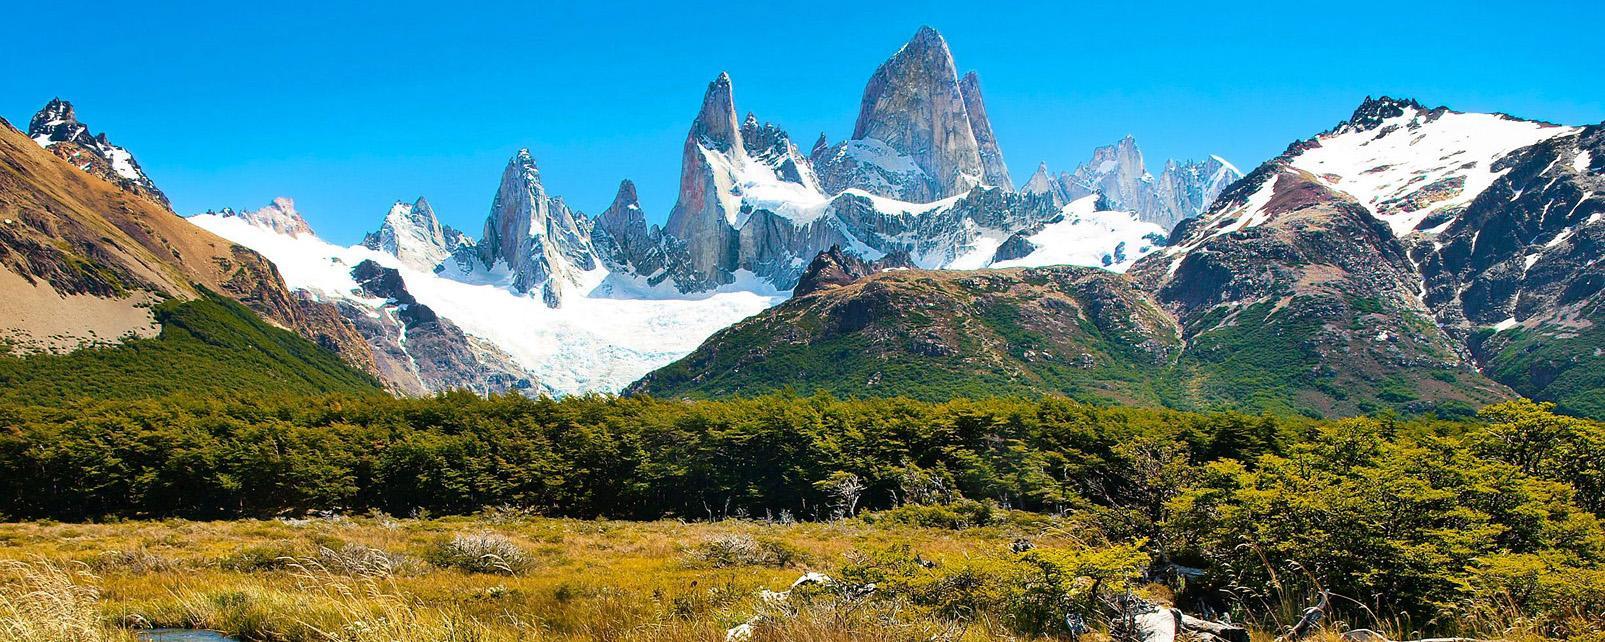 Amérique, Amérique du Sud, Argentine, montagne,